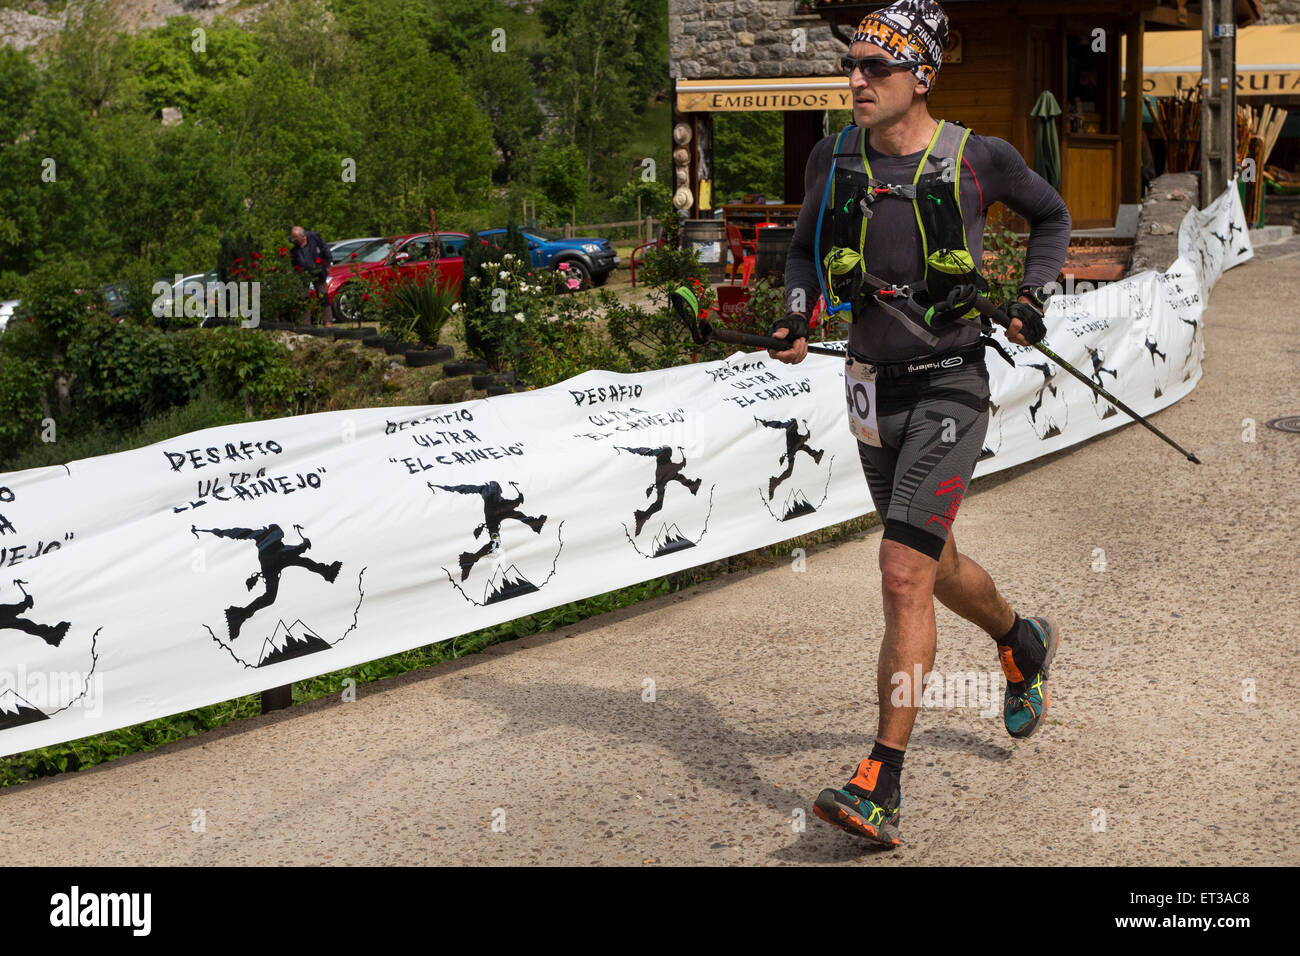 Atleta competere nel 2015 Ultra sfida di montagna il 'Desafio ultra El cainejo' Caino Picos de Europa Spagna Immagini Stock